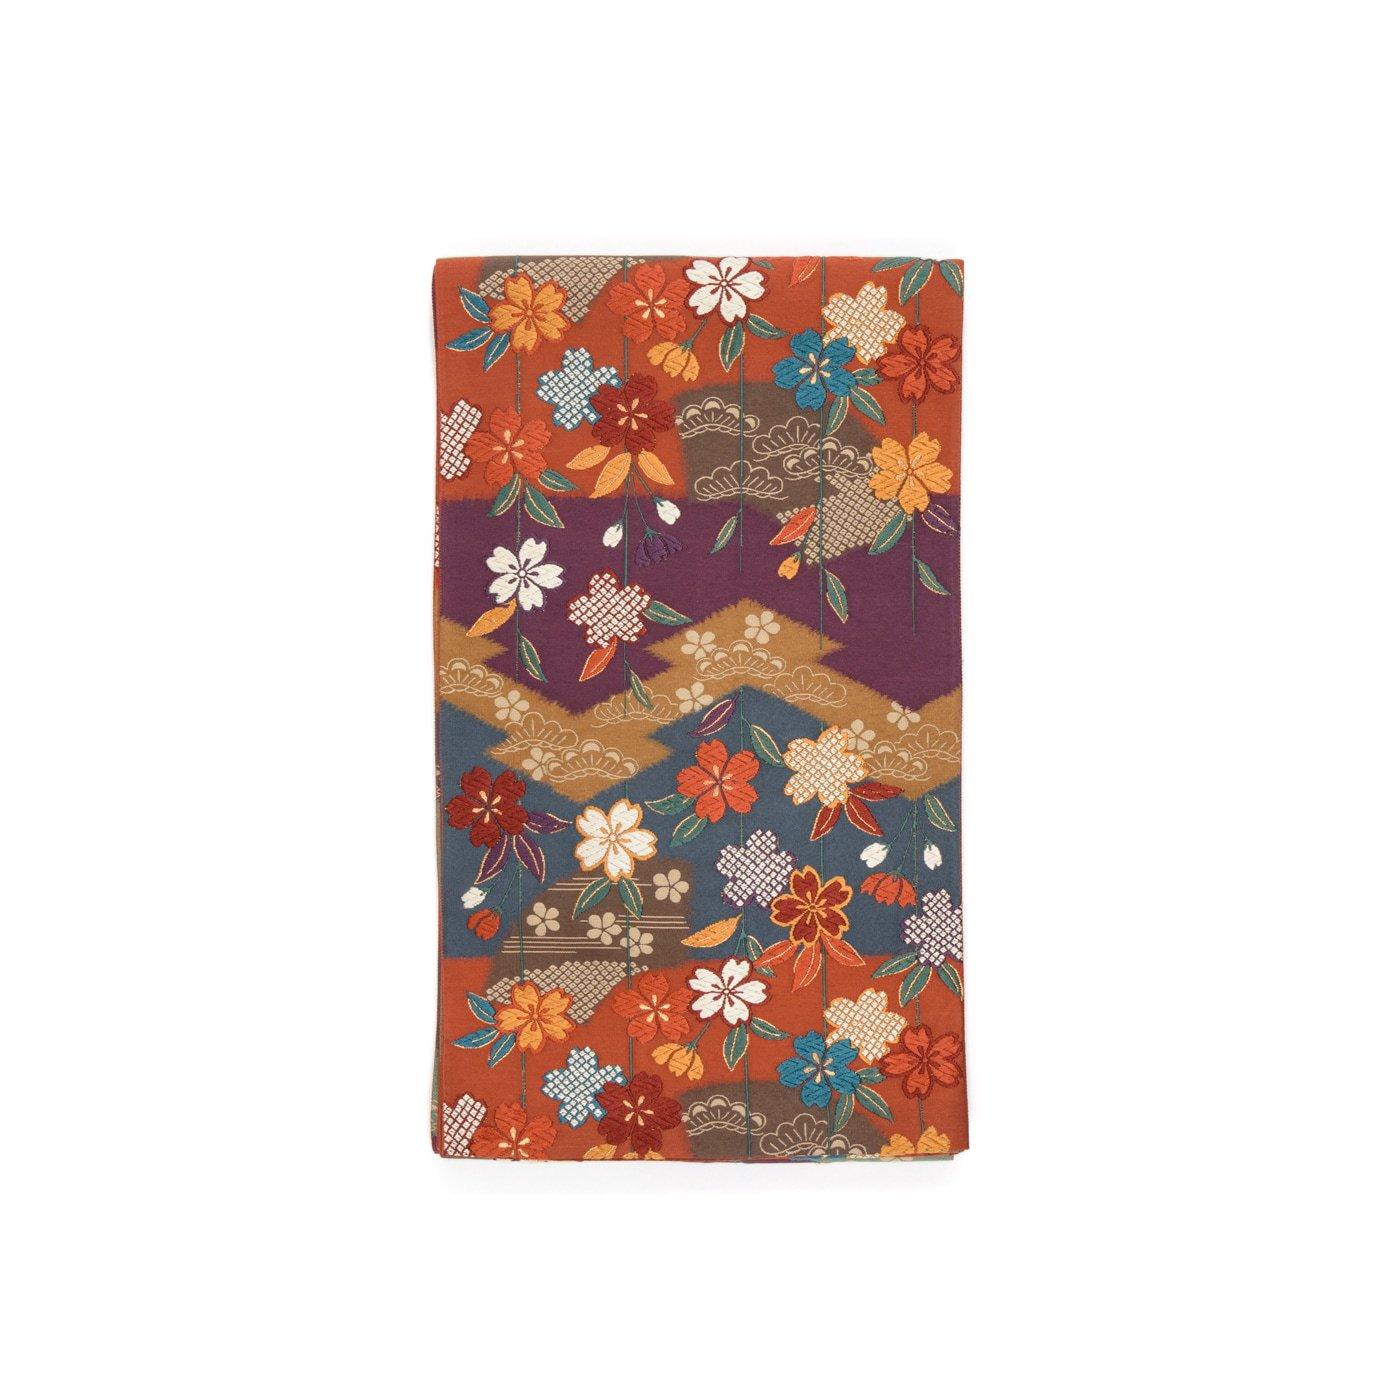 「洒落袋帯●松皮菱取りに枝垂れ桜」の商品画像